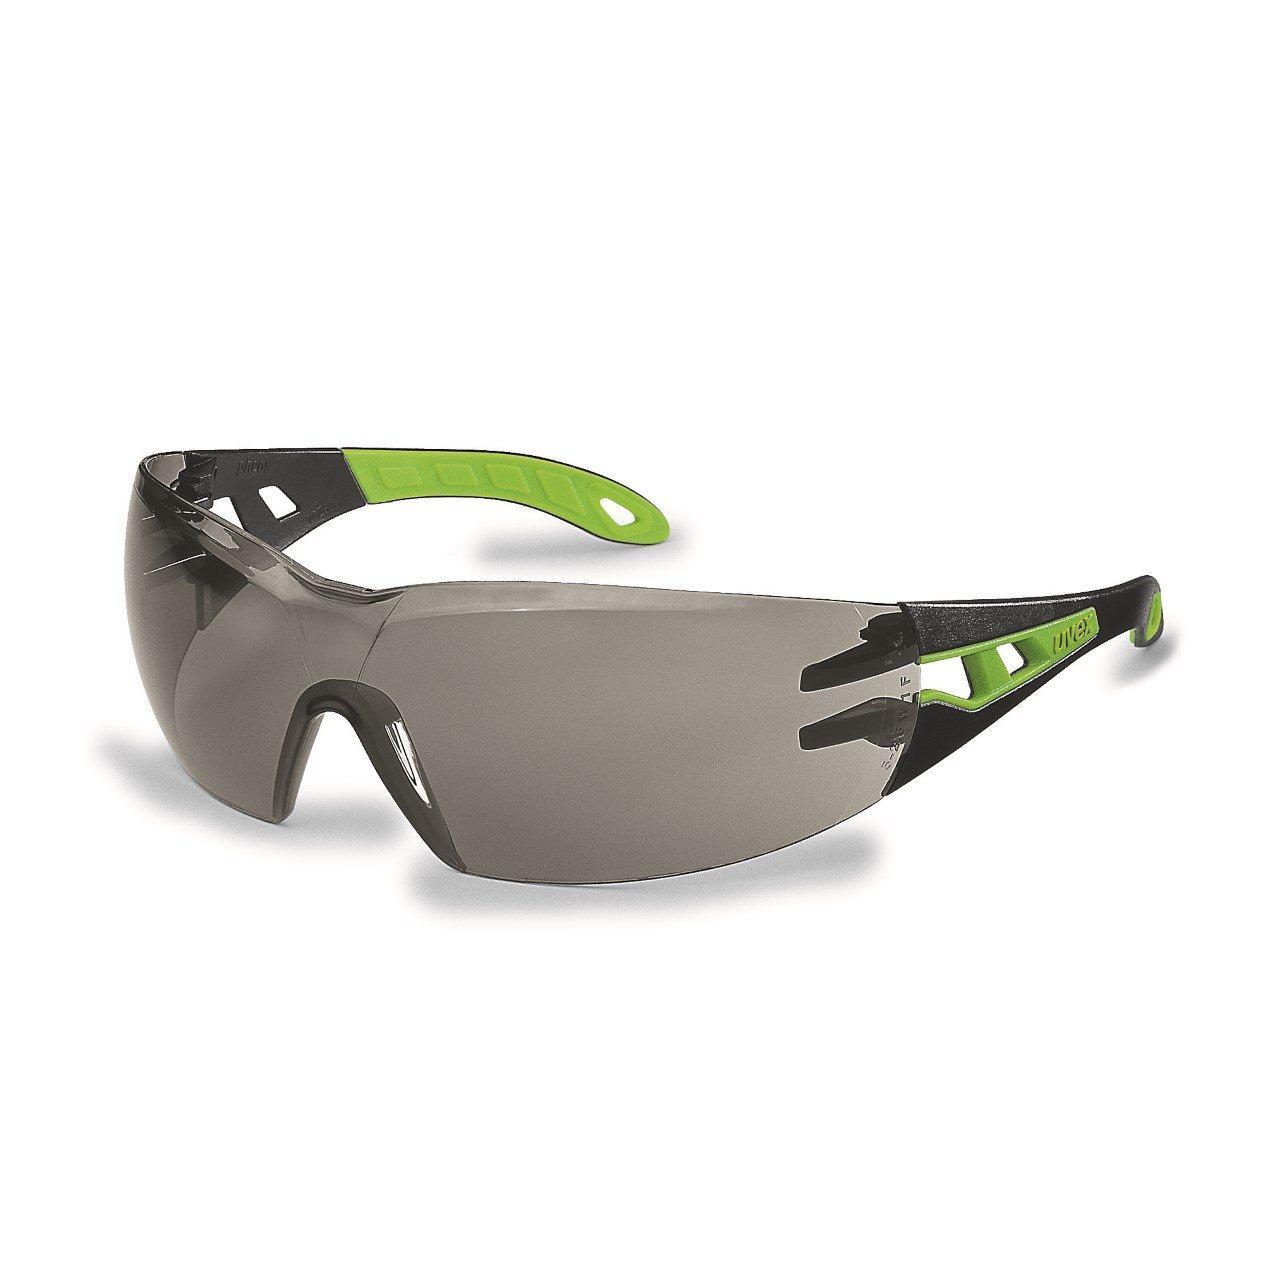 Uvex Pheos Safety Glasses Grey